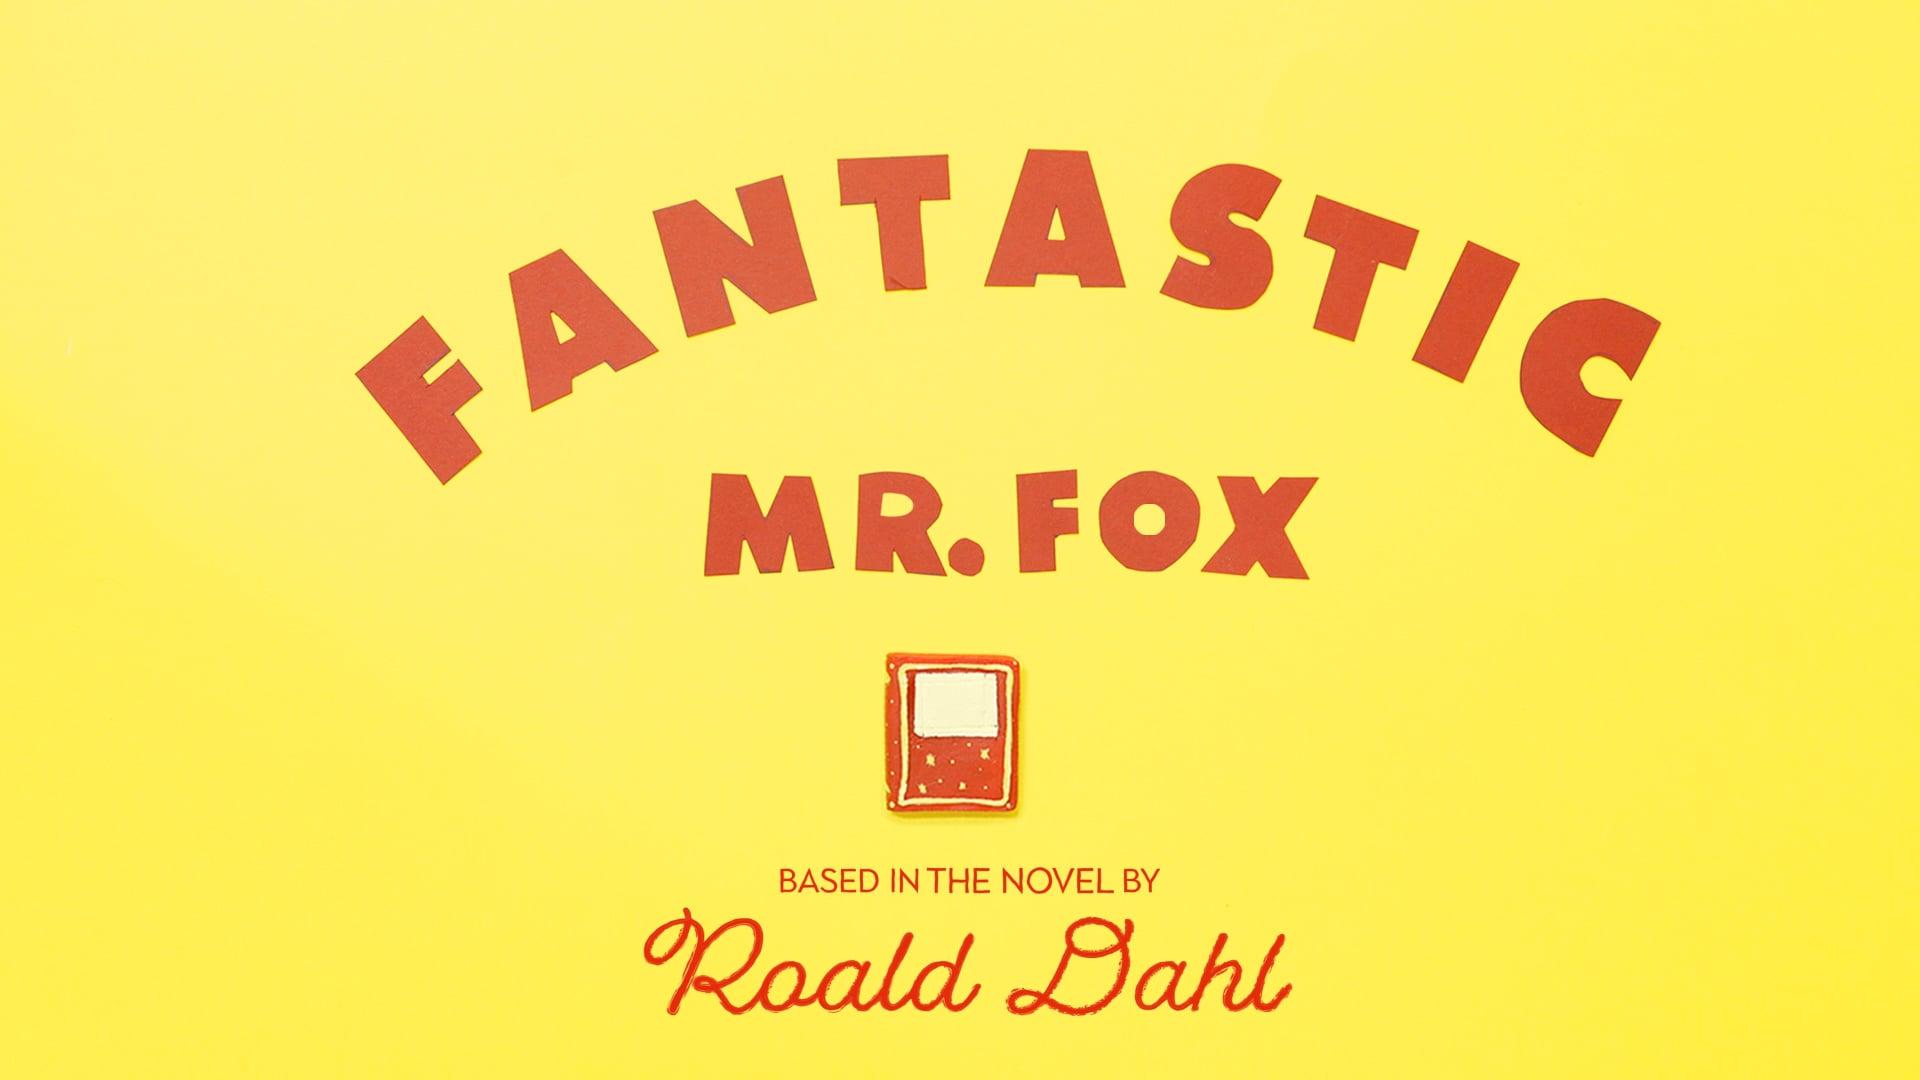 Títulos de Crédito - Fantatic Mr.Fox